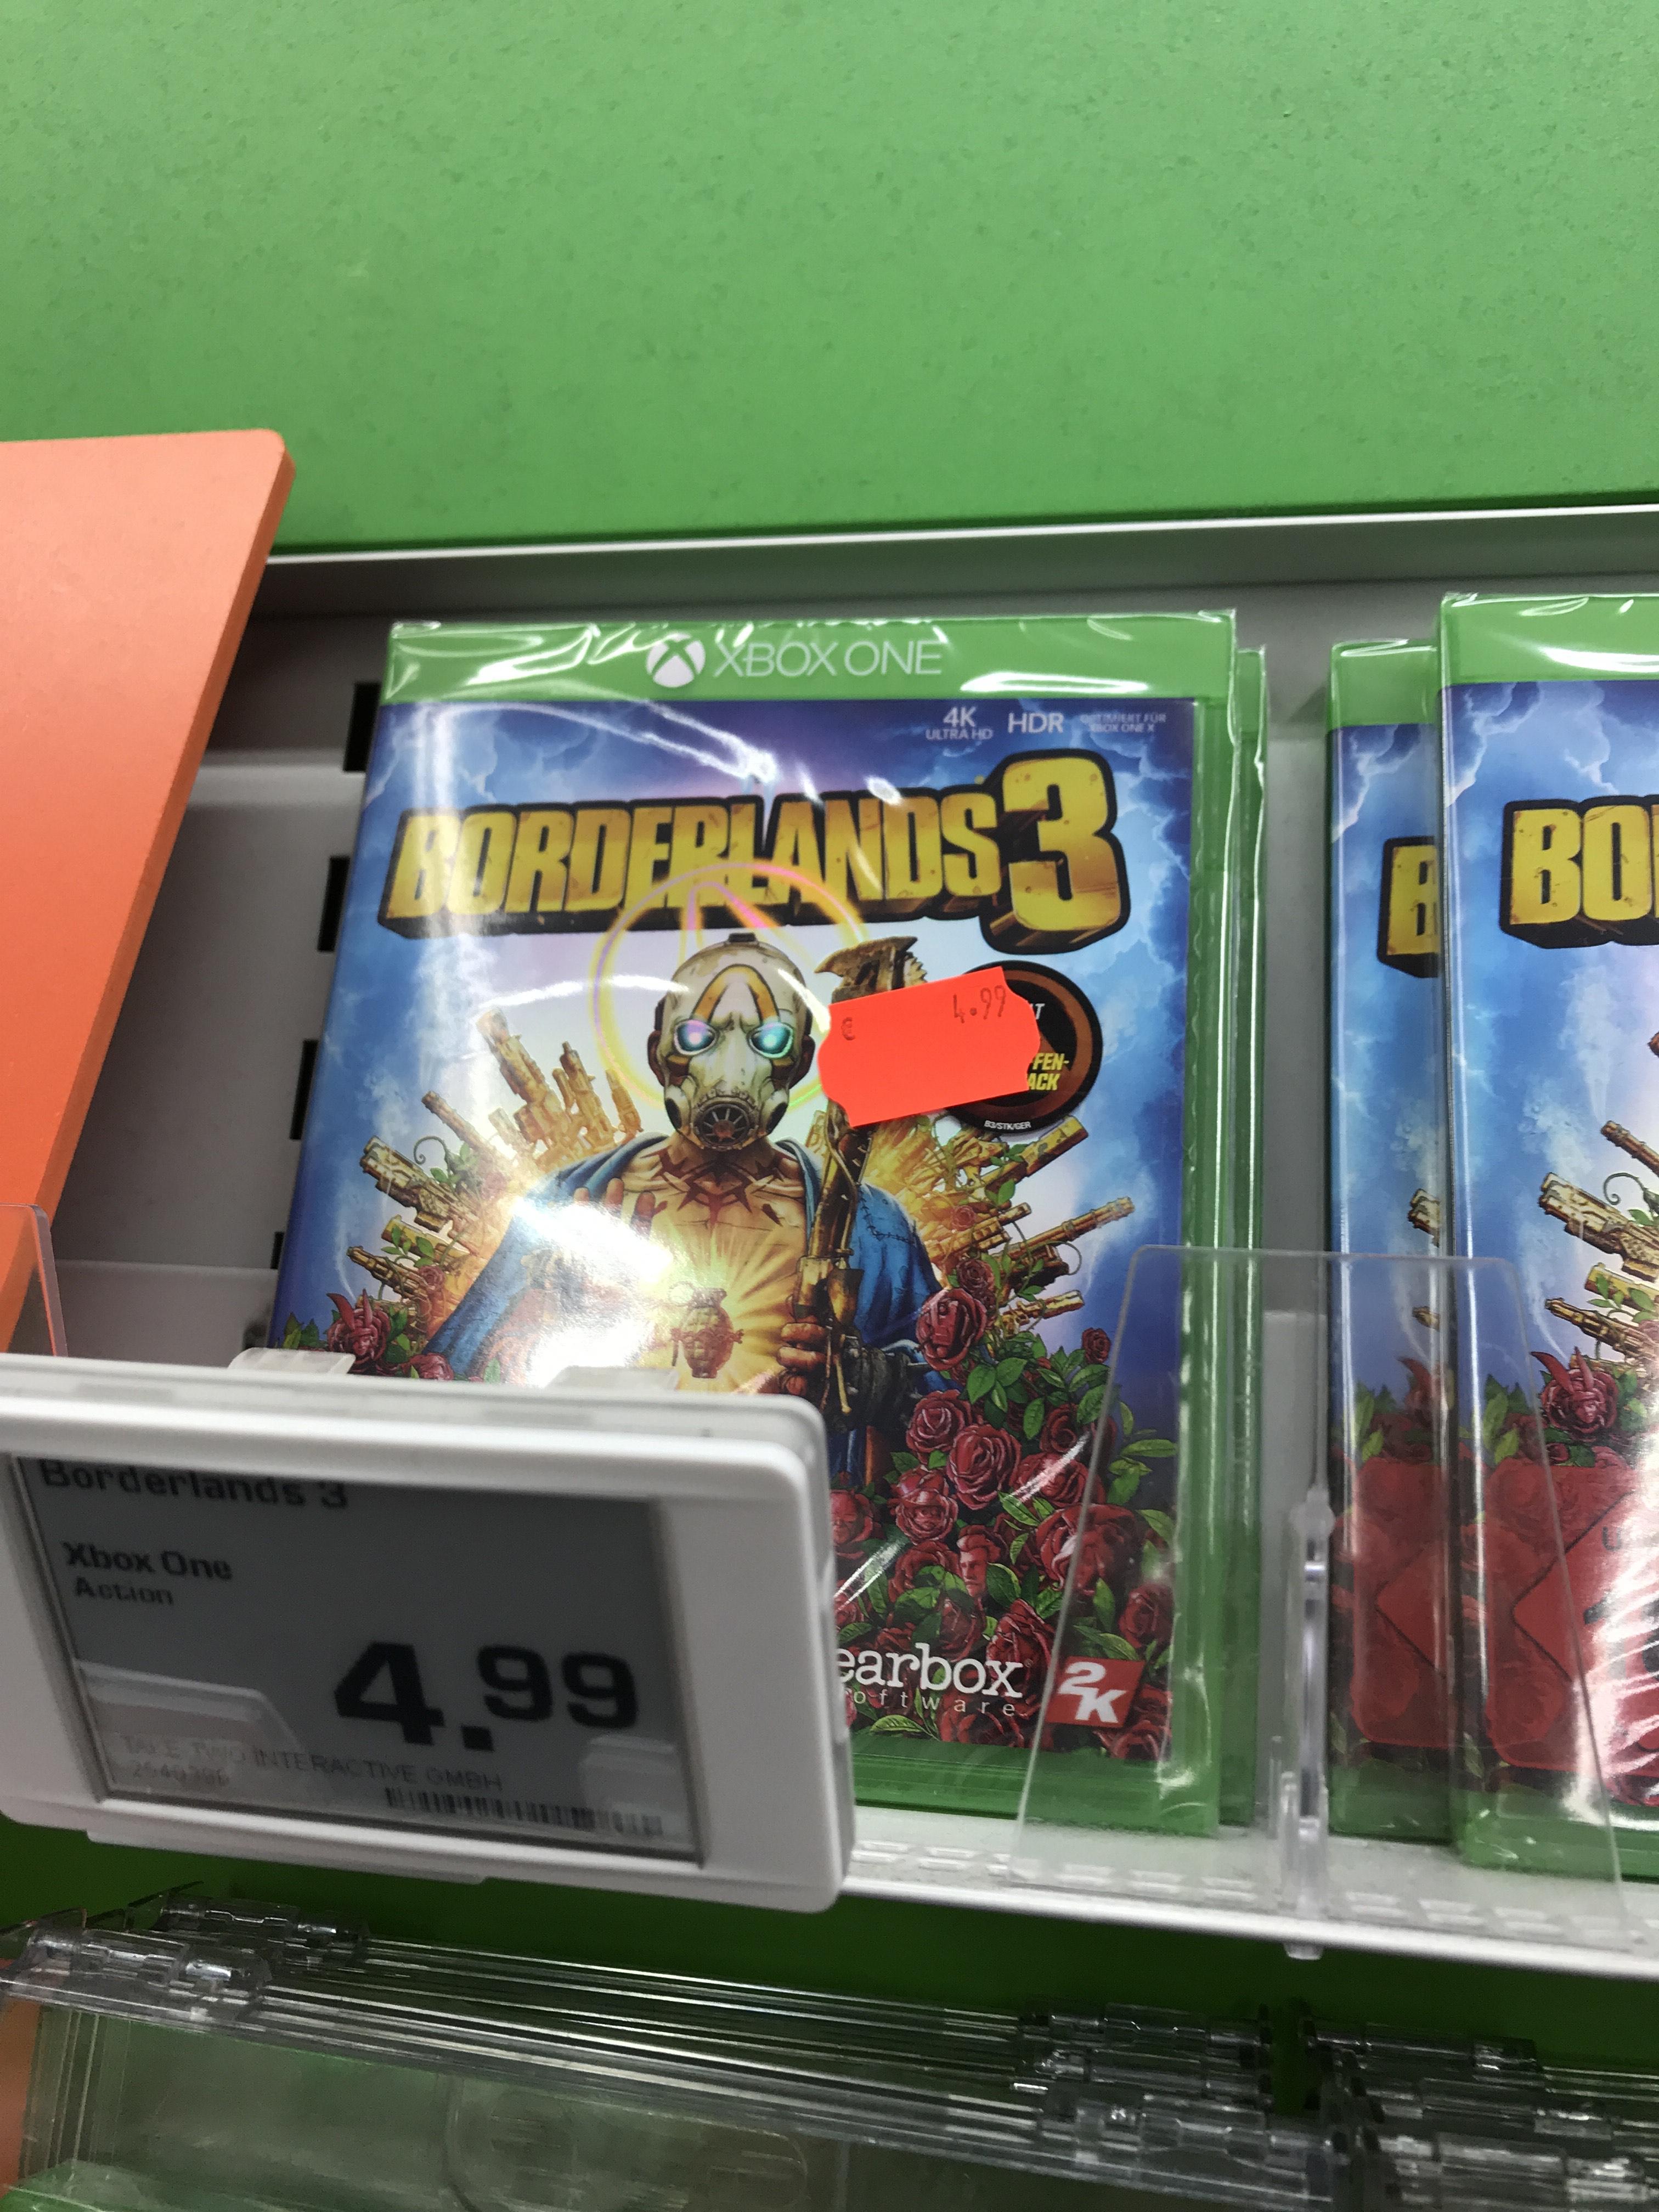 Lokal - Saturn Hilden: Borderlands 3 für XBox One für 4,99€